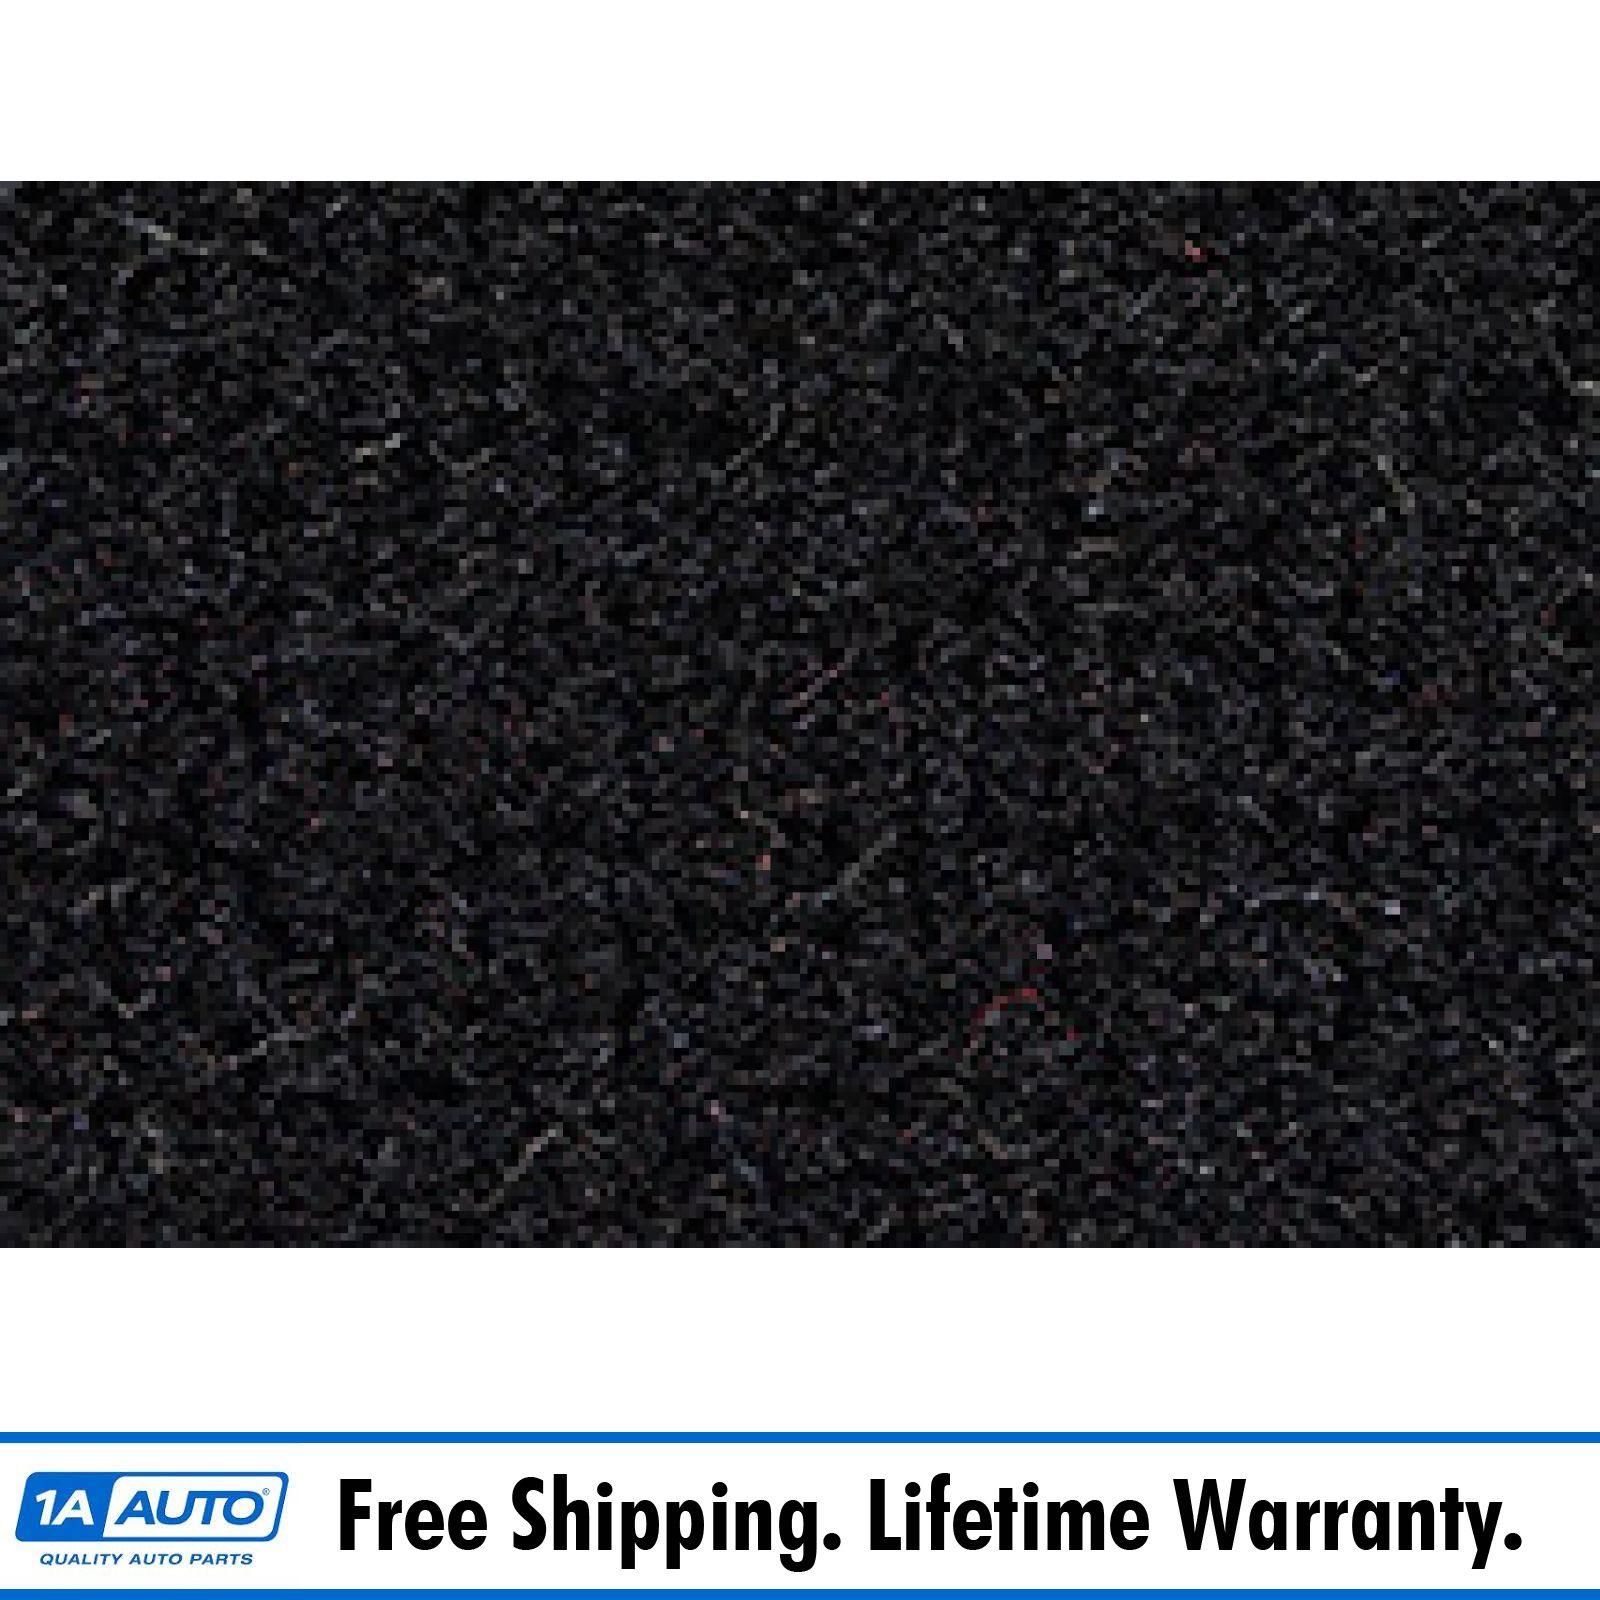 Cutpile Passenger Area 1989-1994 Isuzu Amigo Carpet Replacement